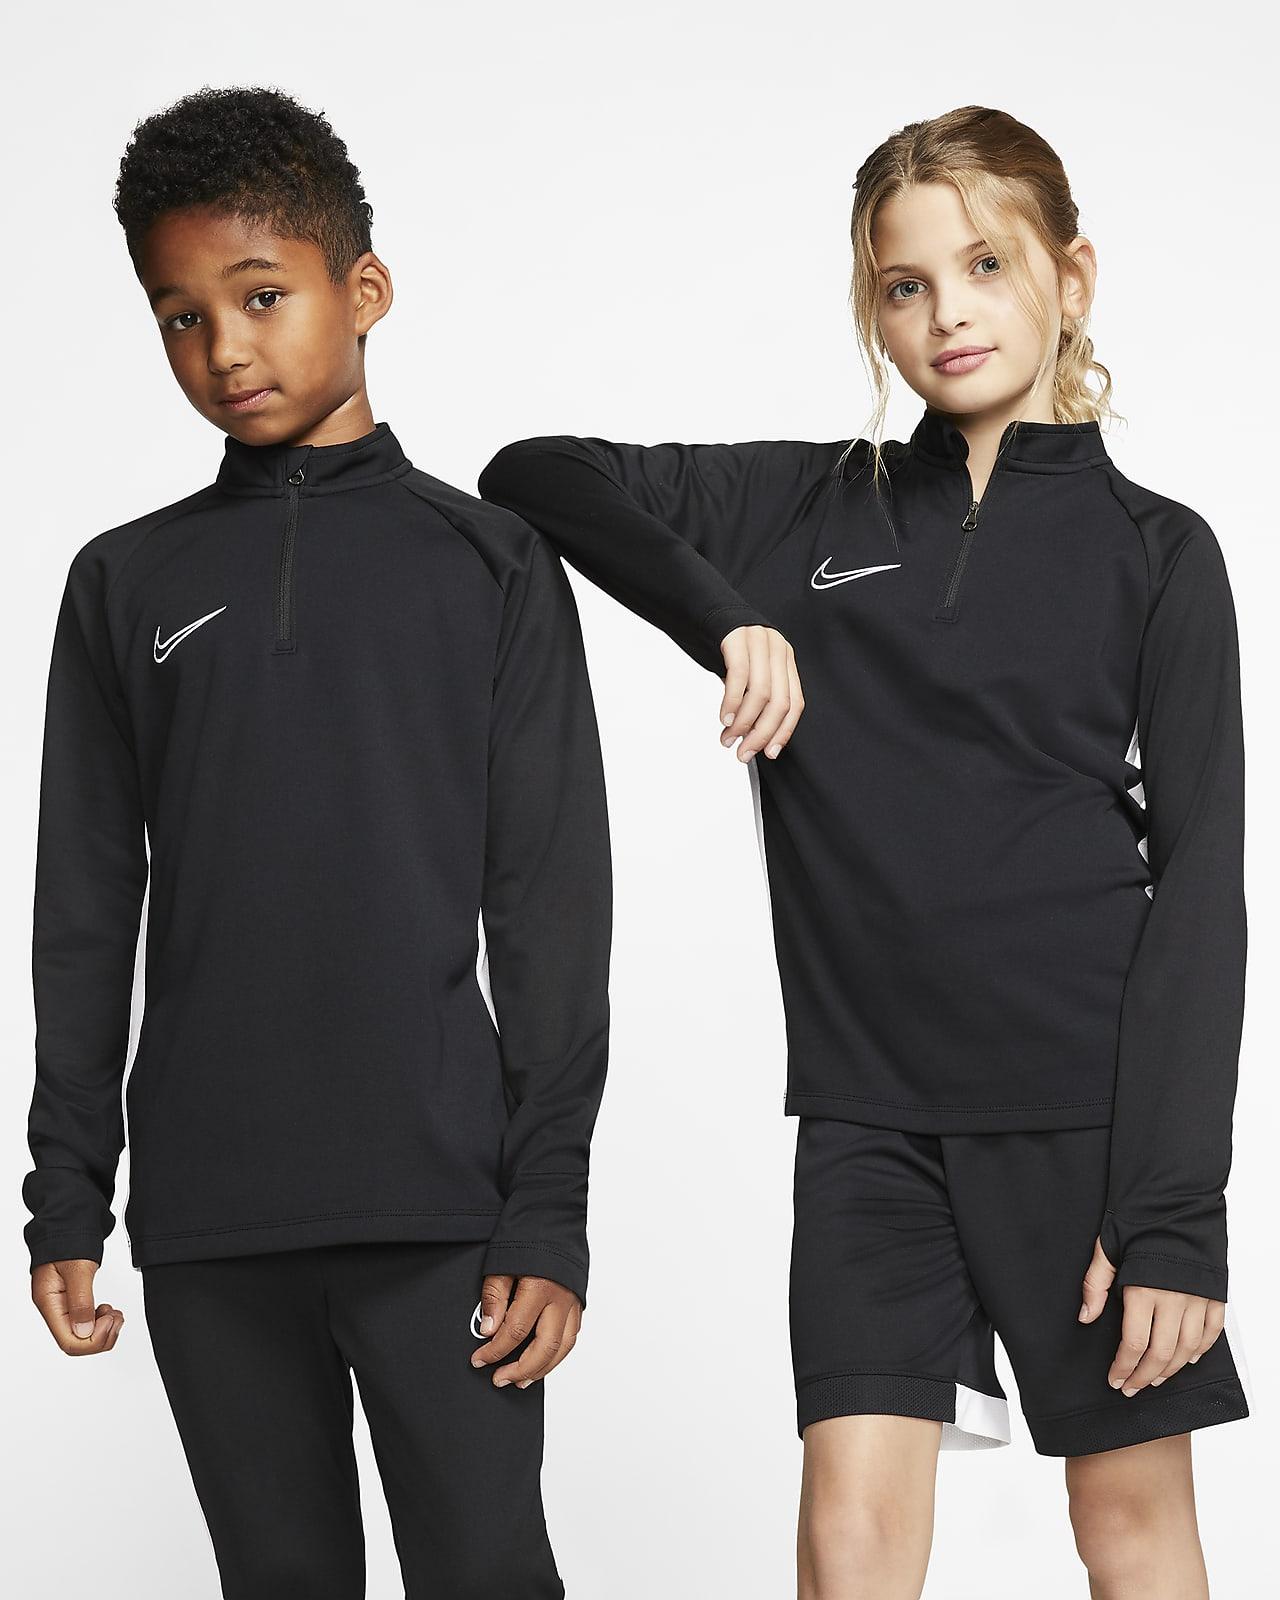 Nike Dri-FIT Academy futballfelső nagyobb gyerekeknek futballgyakorlatokhoz